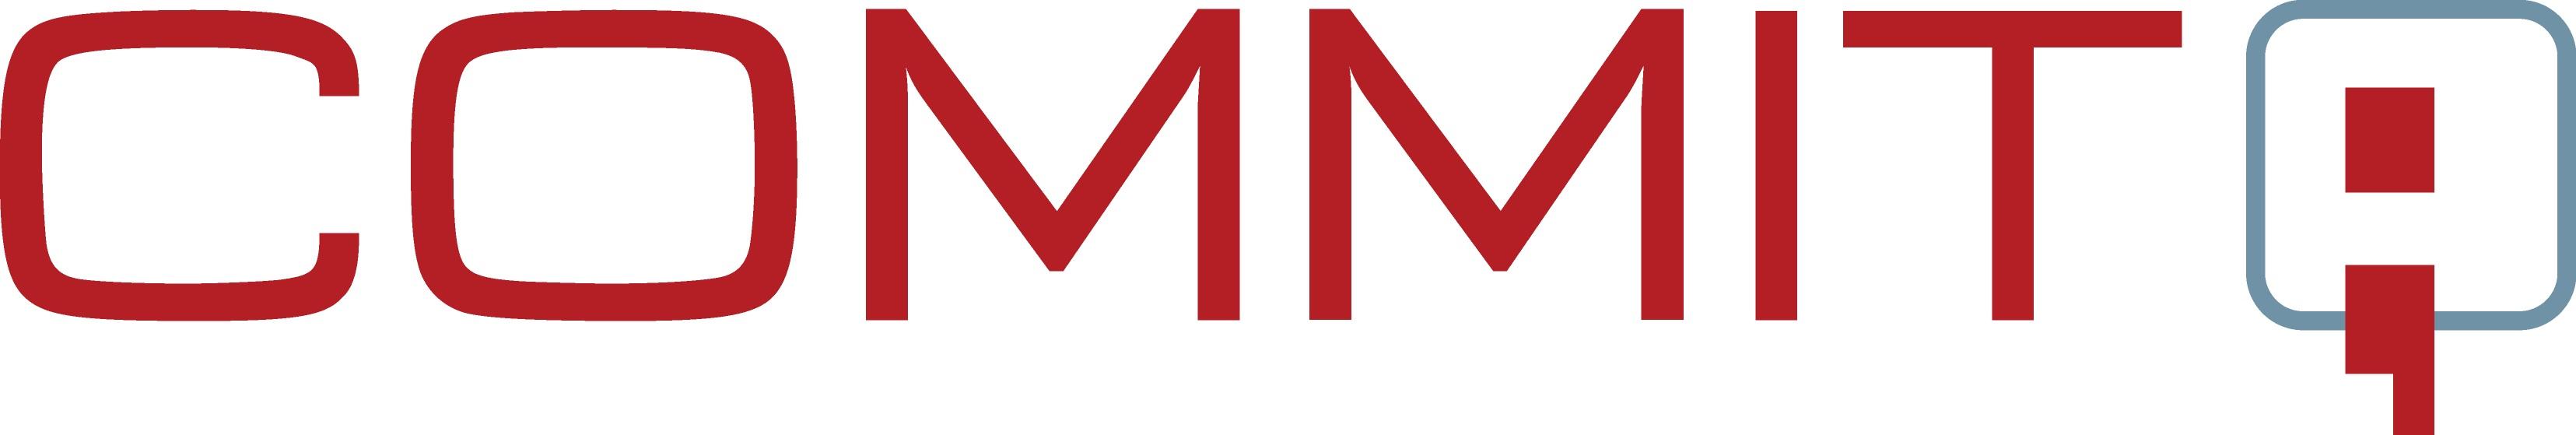 c-ohjelmoija-terveydenhuollon-jarjestelmien-tuotekehitykseen-espoo-sdsuu-3361078 logo